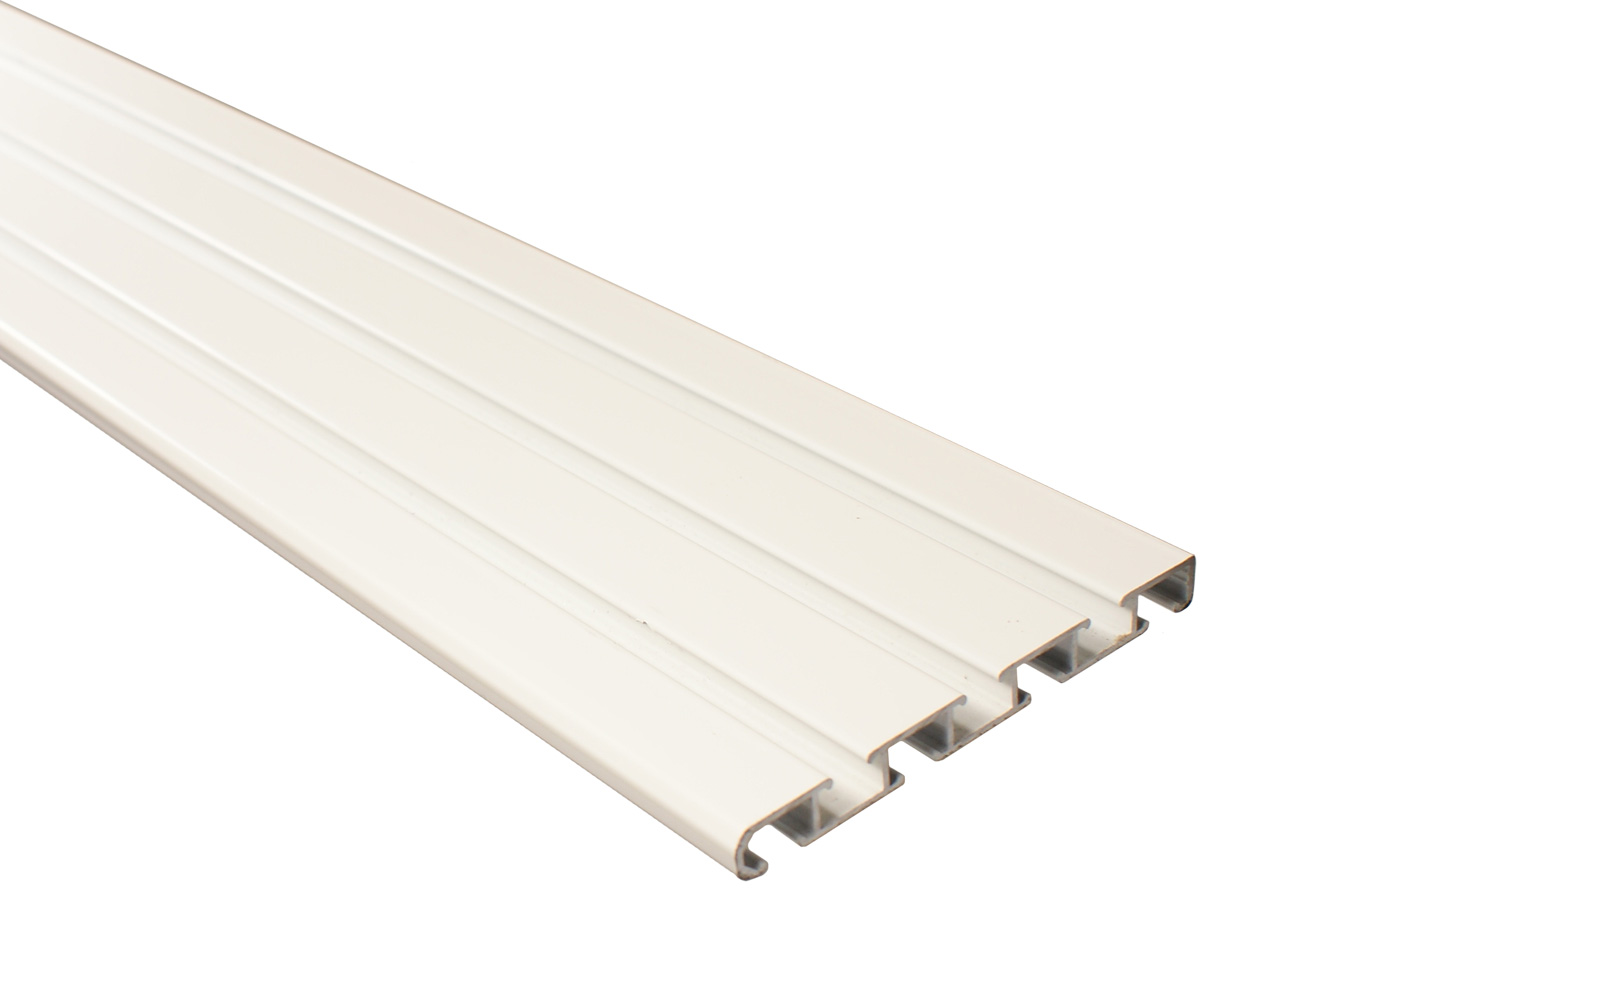 4 l ufige gardinenschiene aus aluminium wei mit deckentr ger. Black Bedroom Furniture Sets. Home Design Ideas